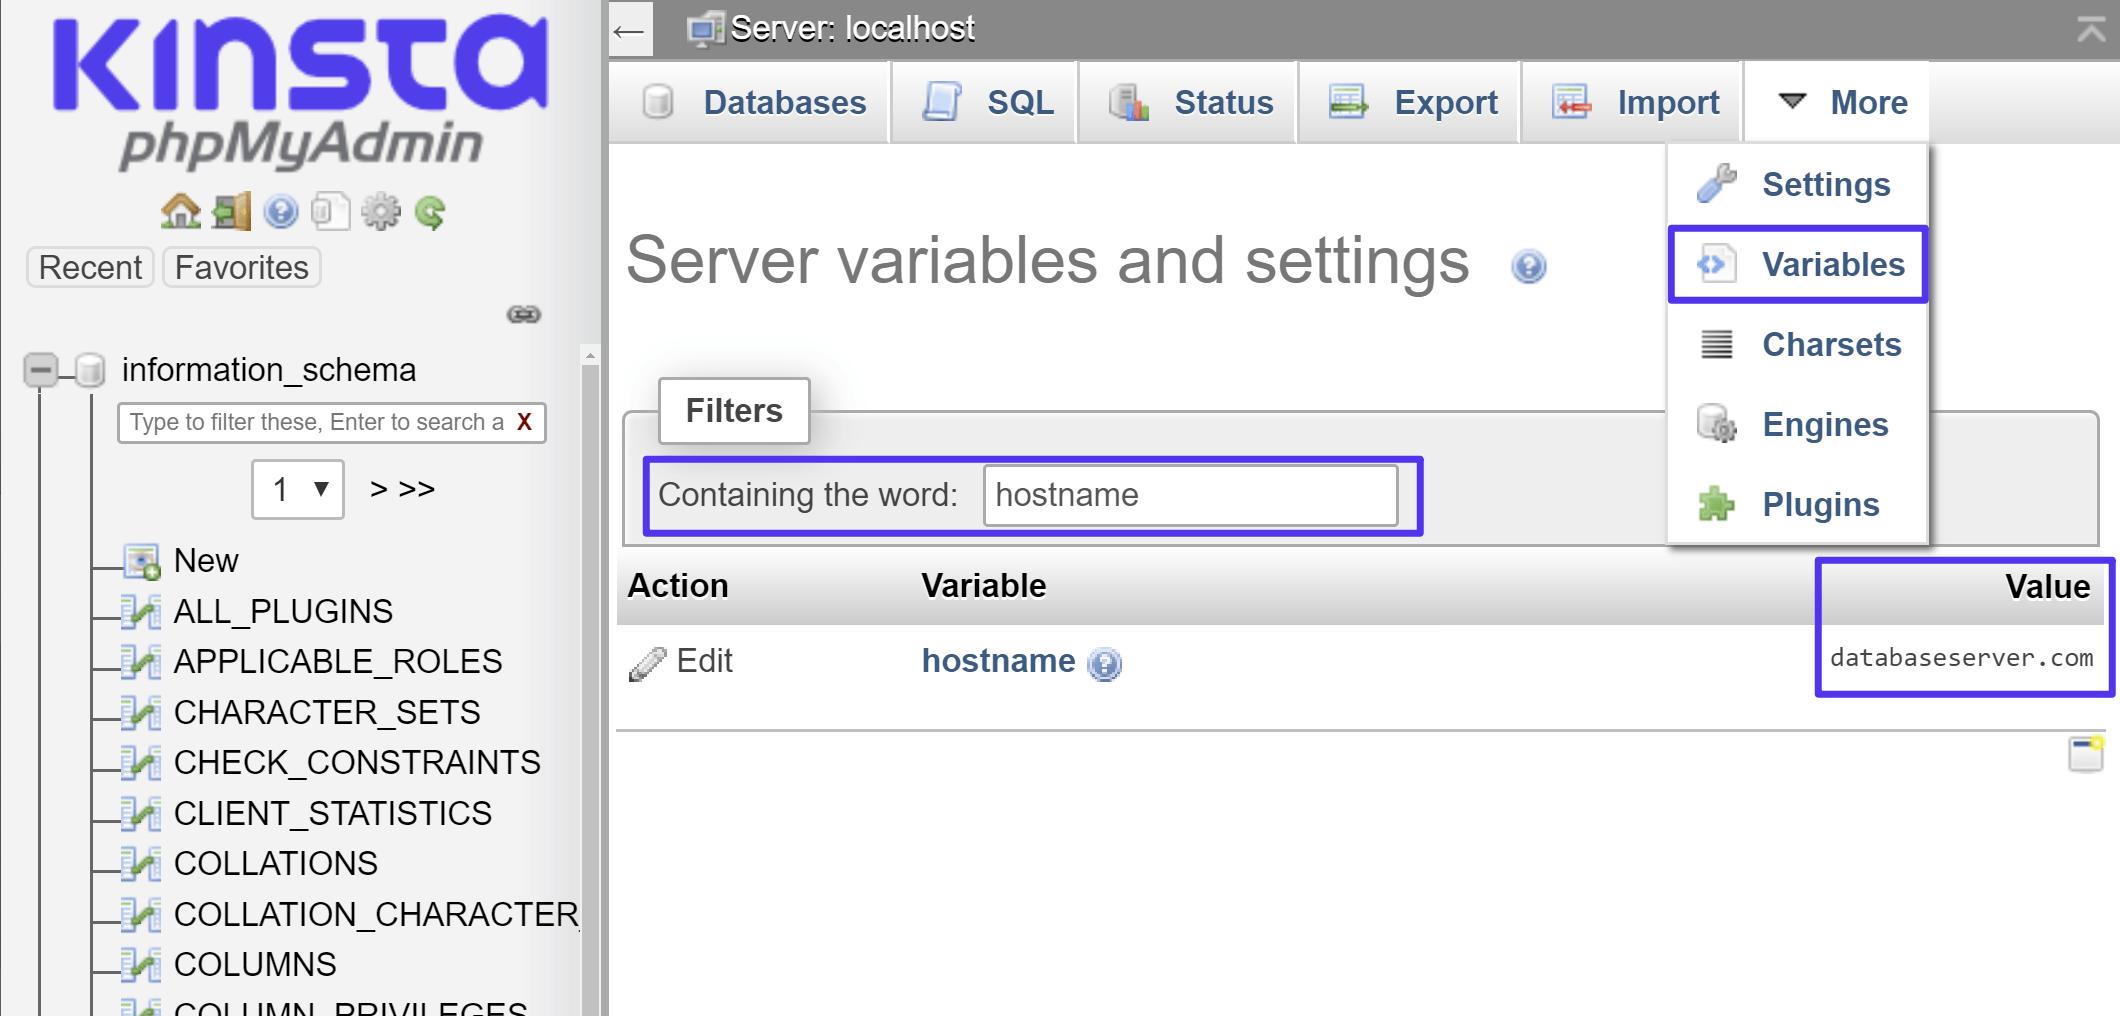 Hoe vind je de hostname variabele in phpMyAdmin